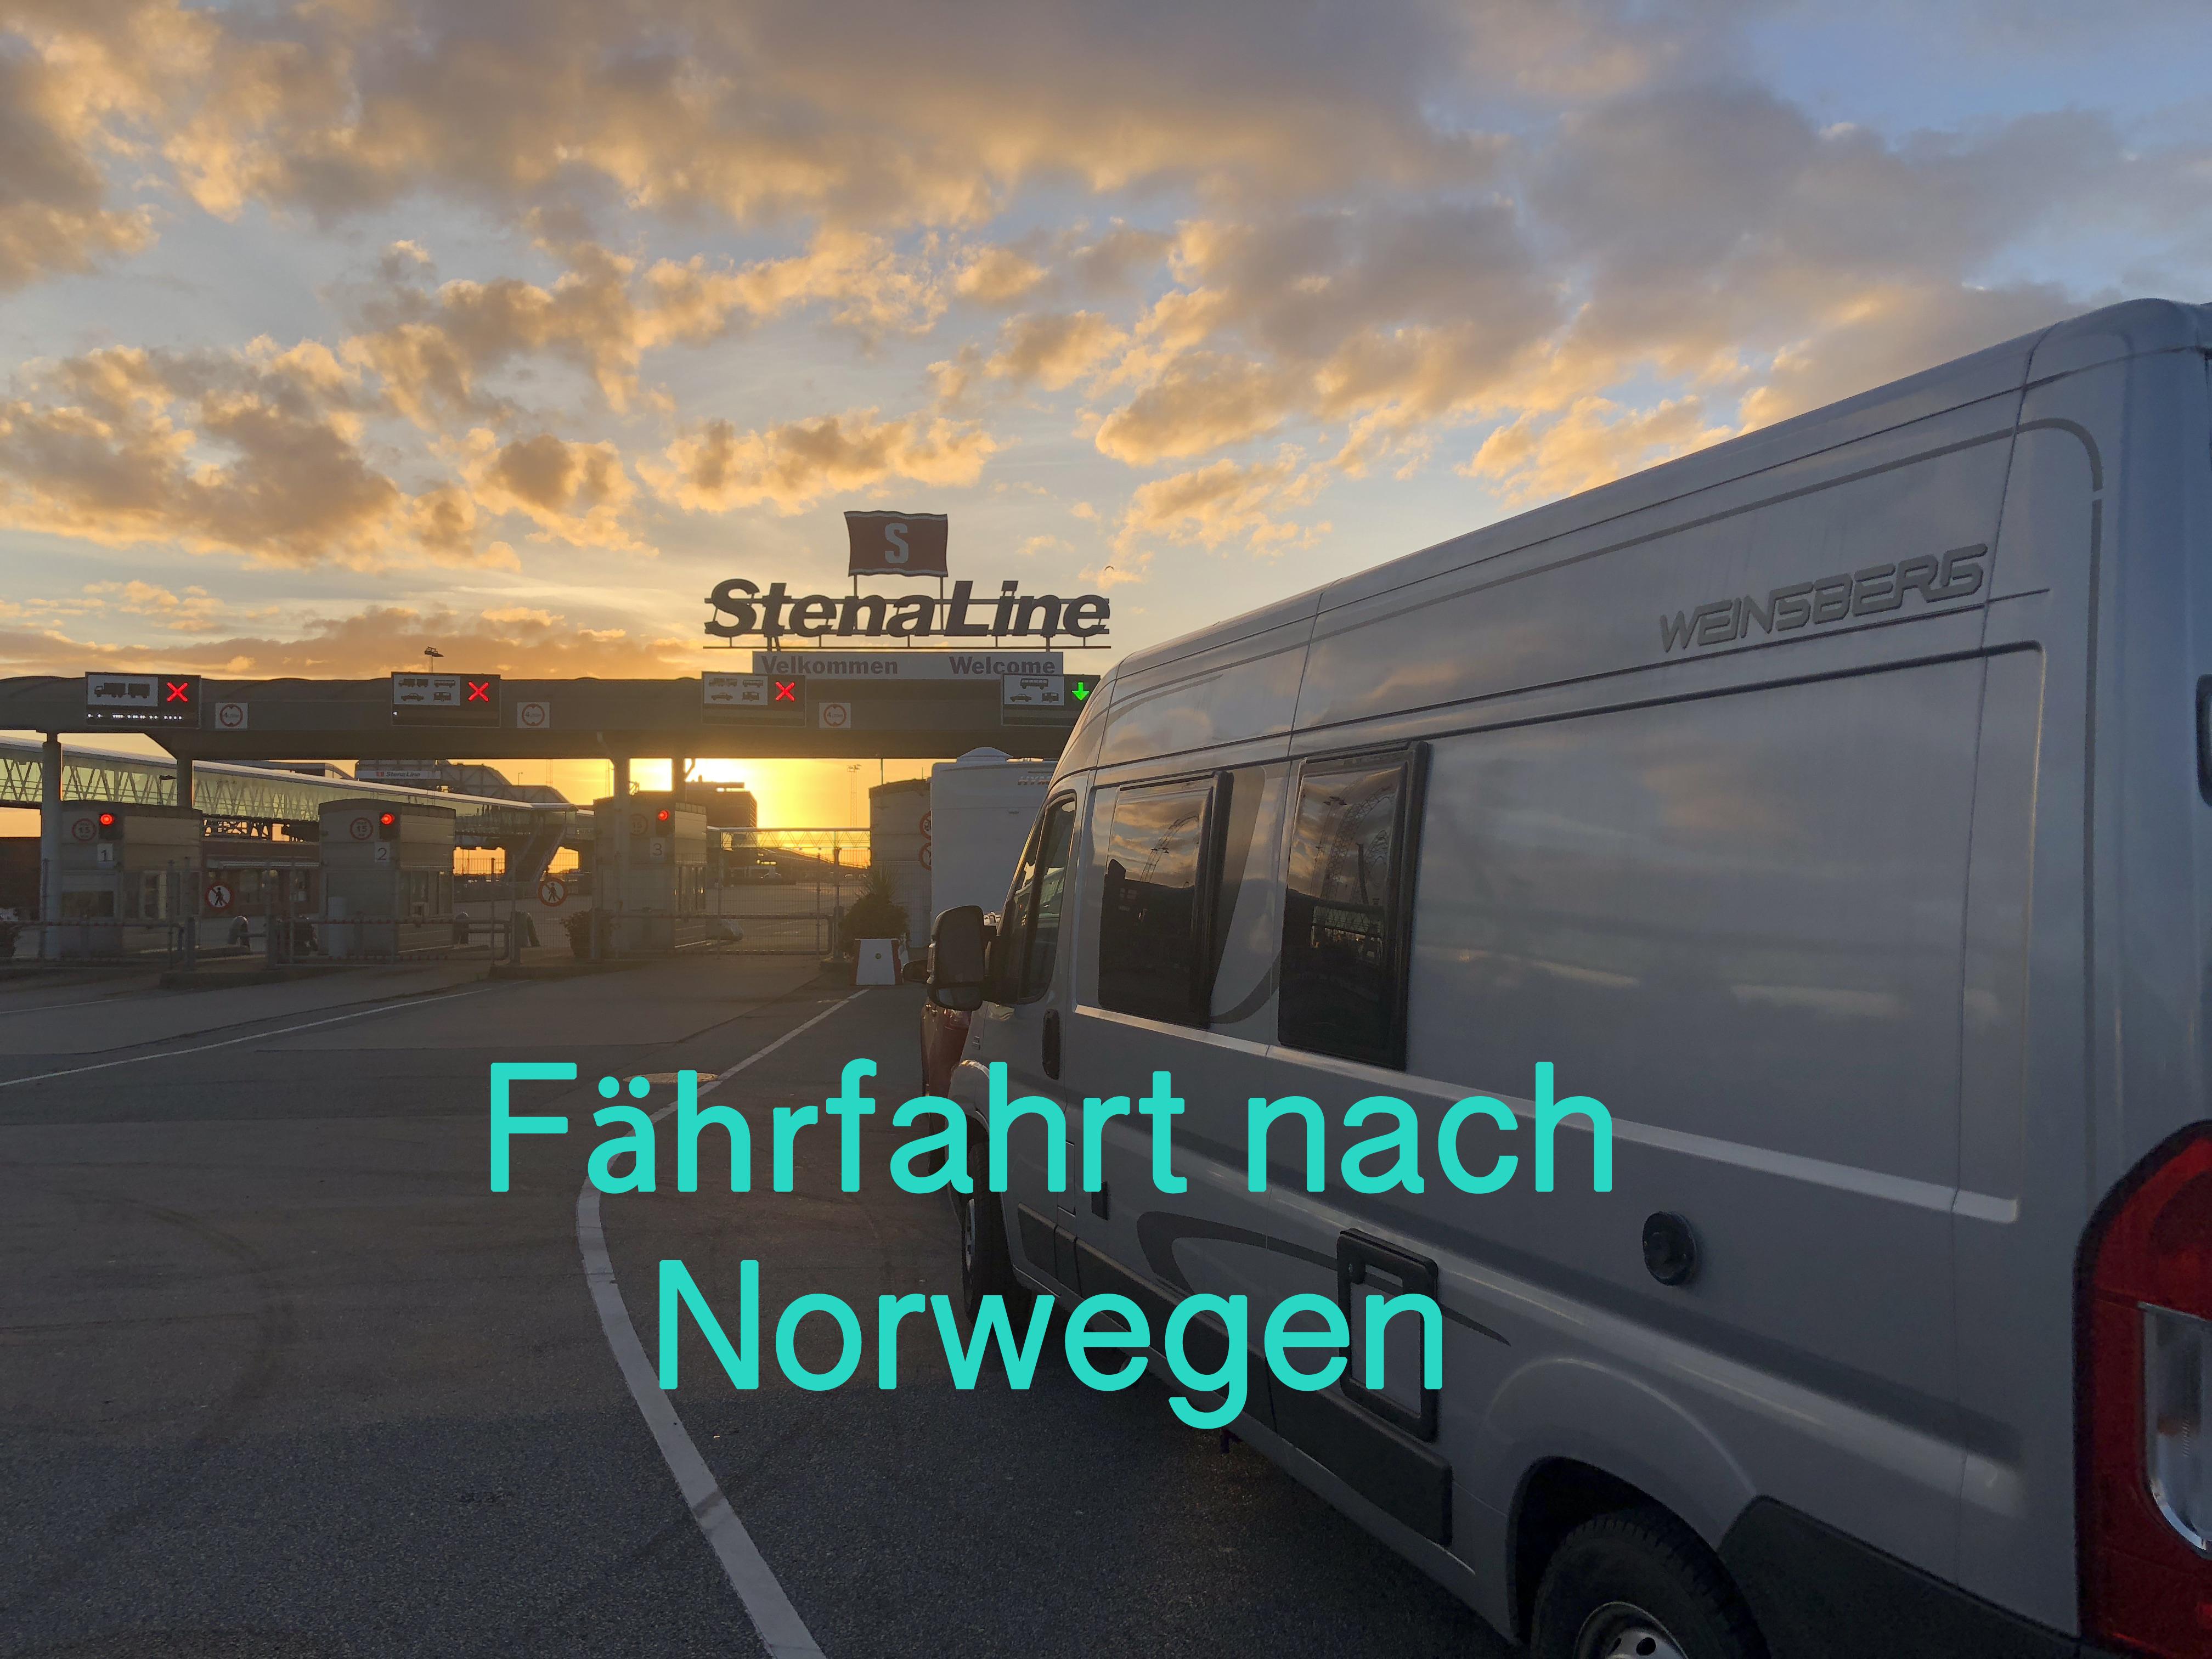 Fährfahrt nach Norwegen